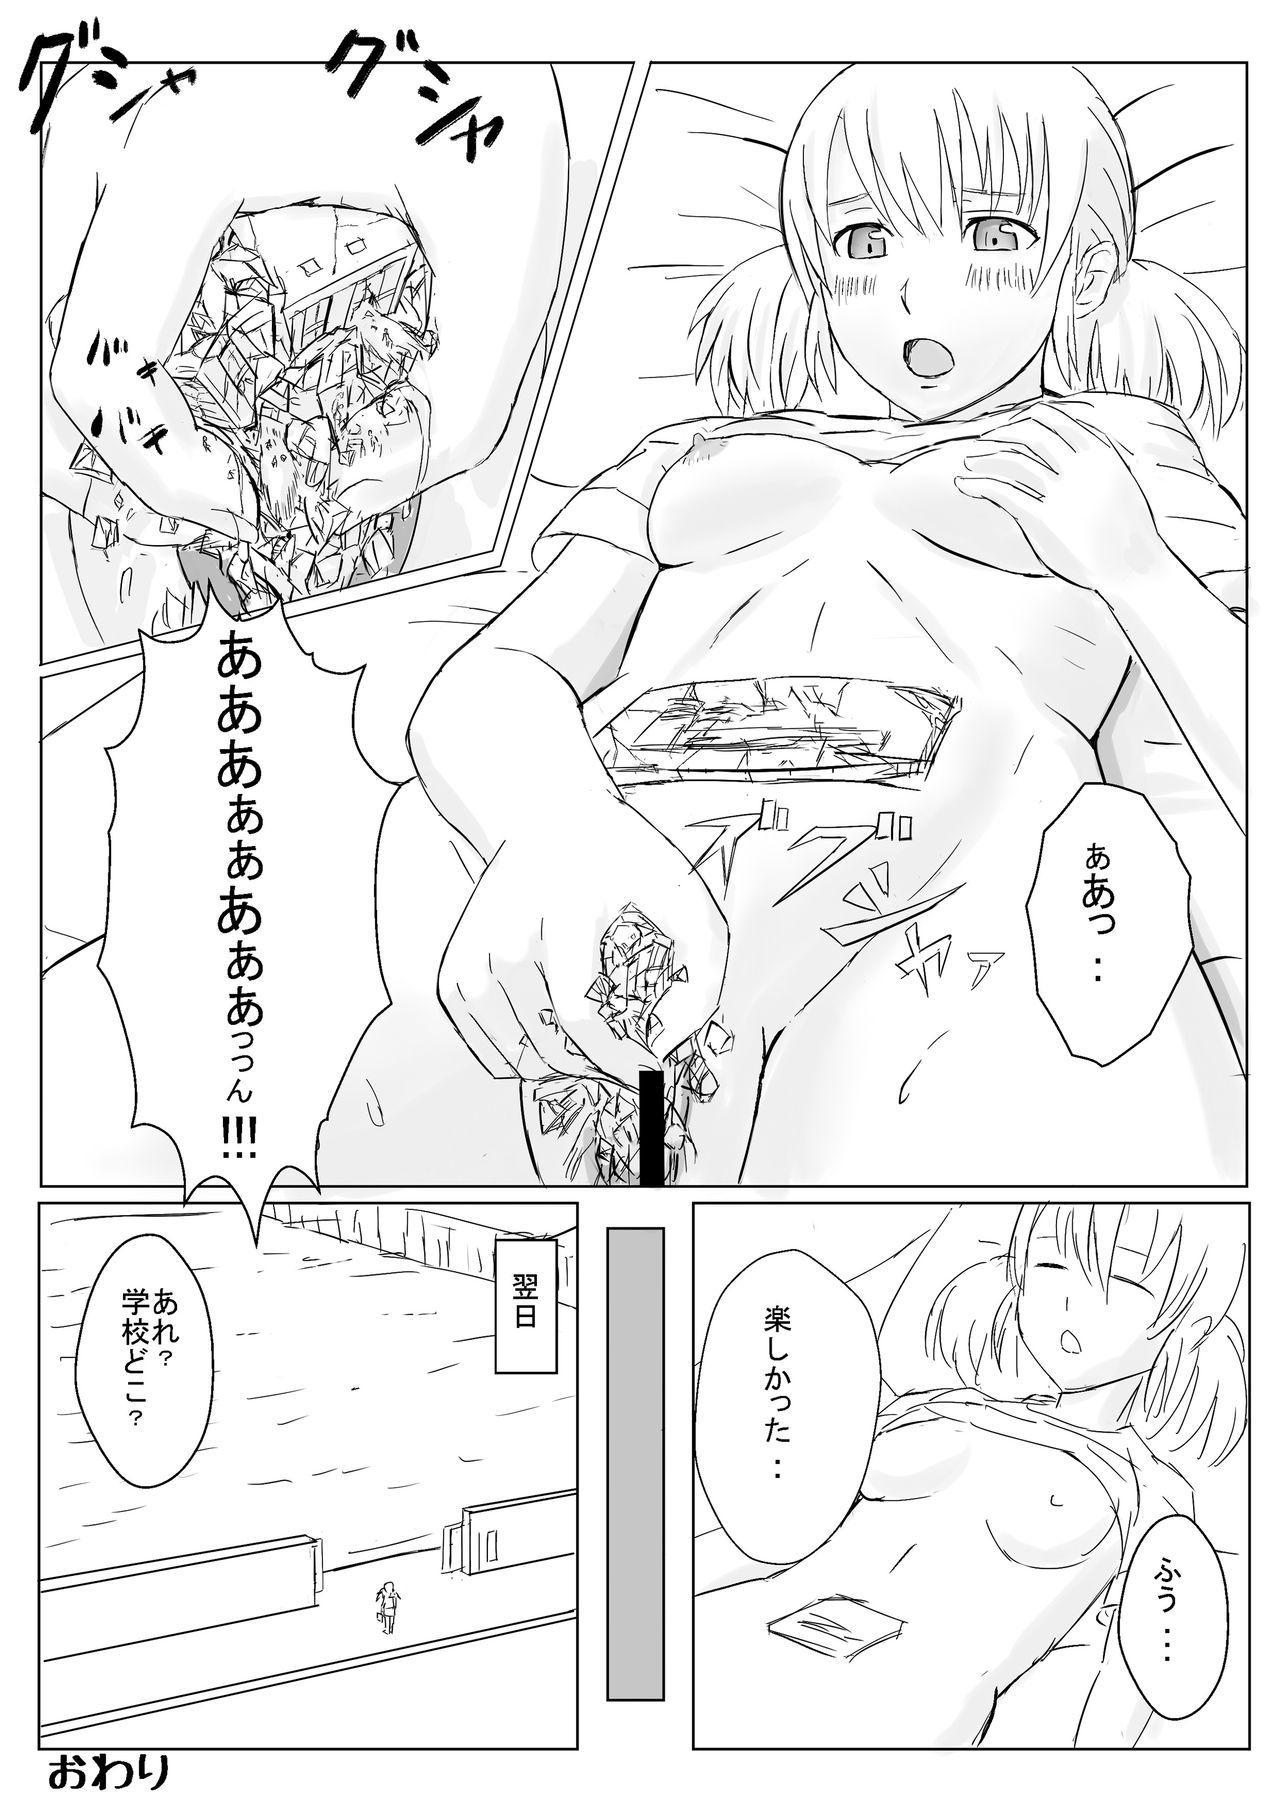 Kyojo Janee Kyodai Musume da! 28